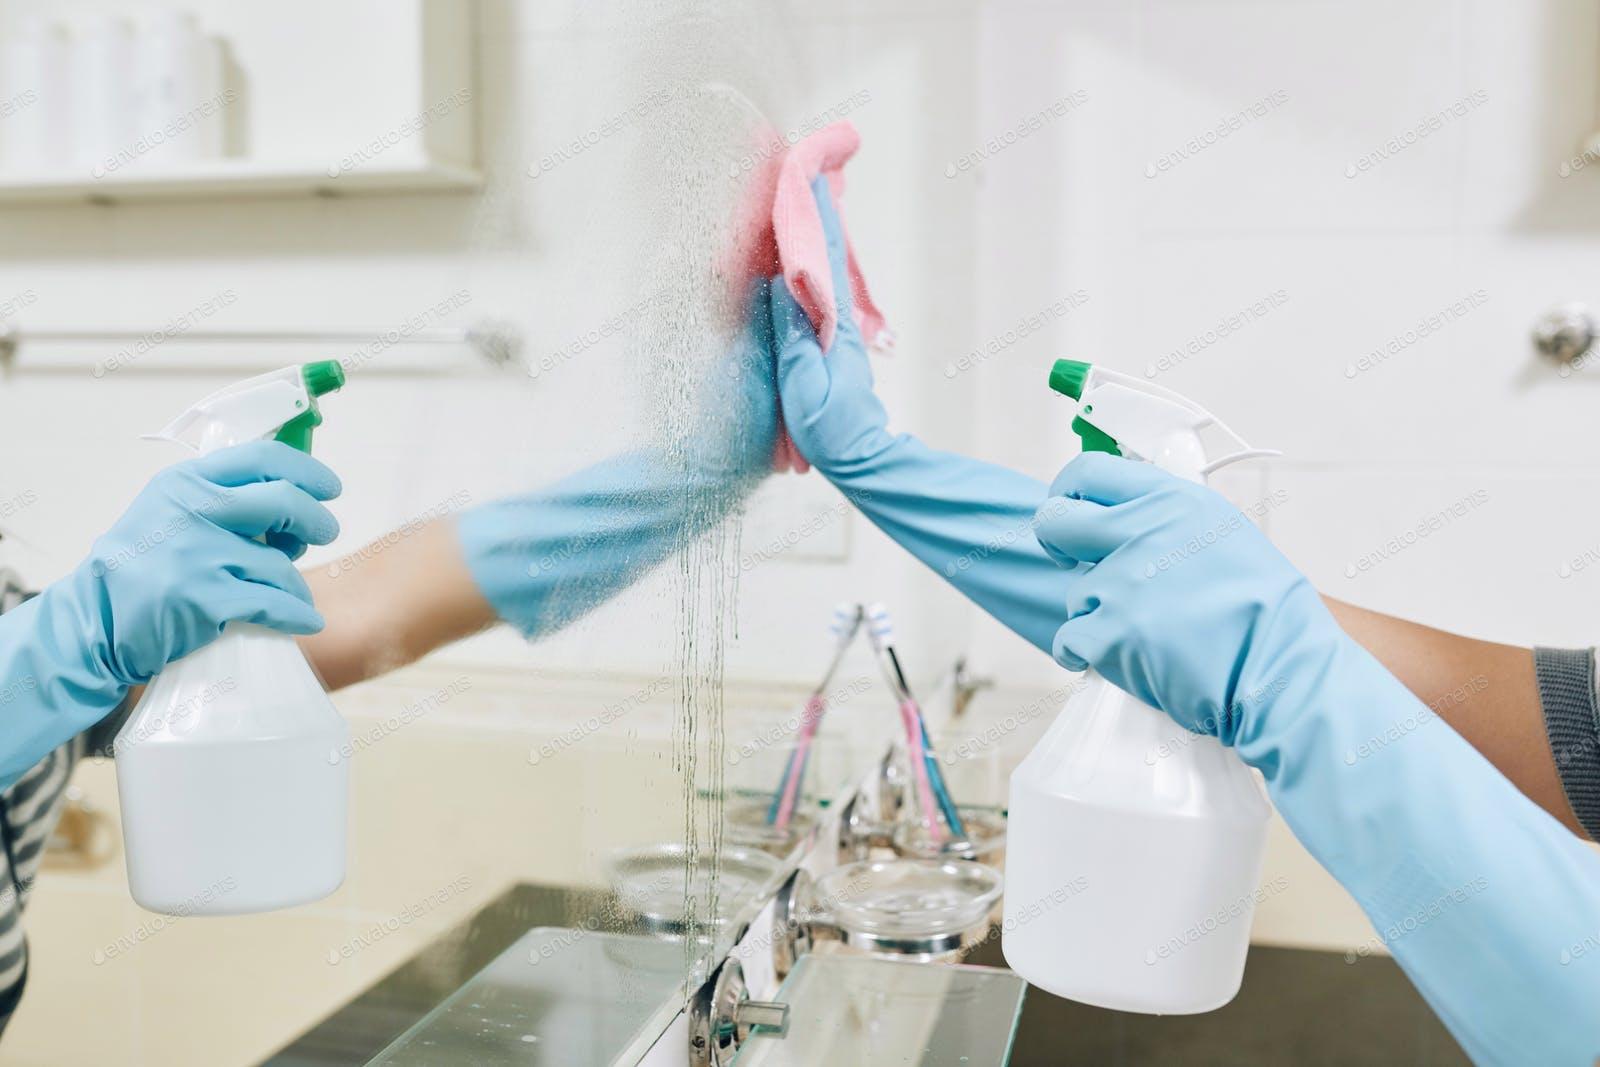 تمیز کردن کف صابون از سطح آینه